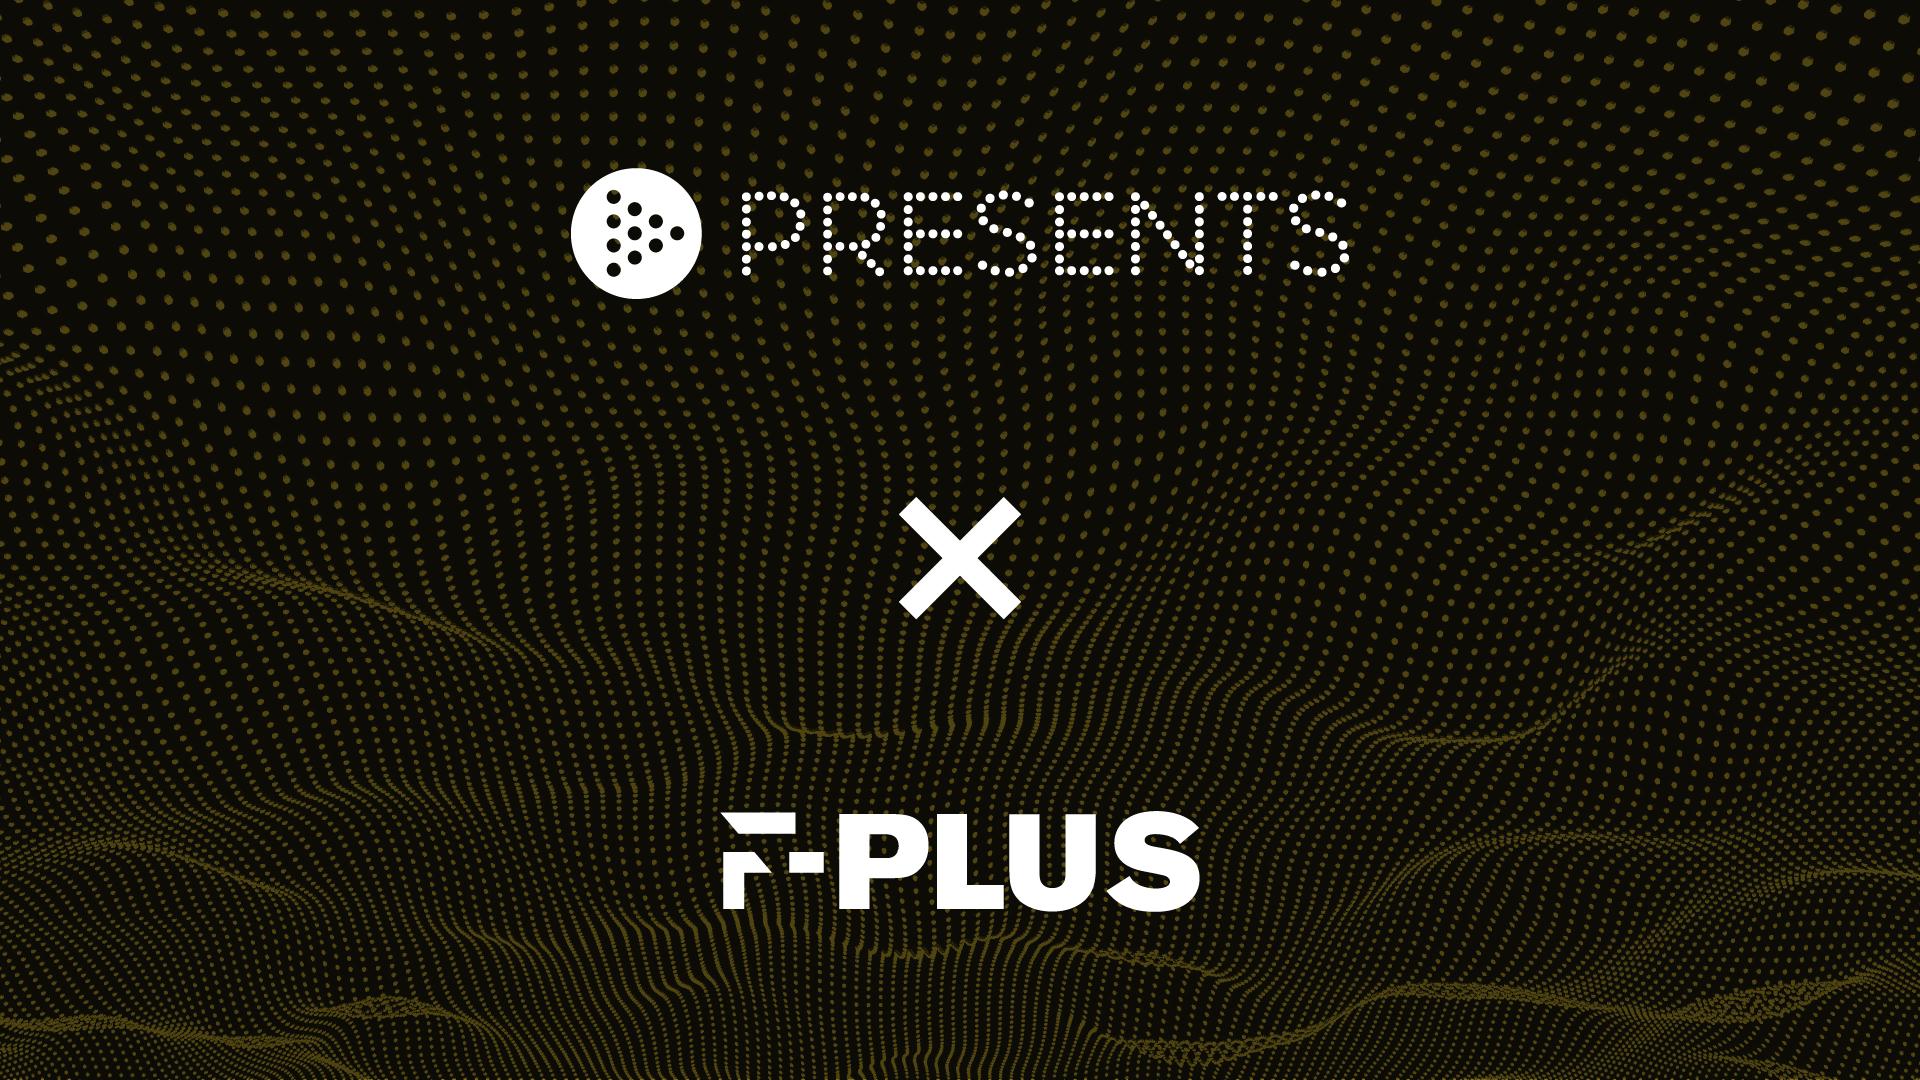 fplus.png